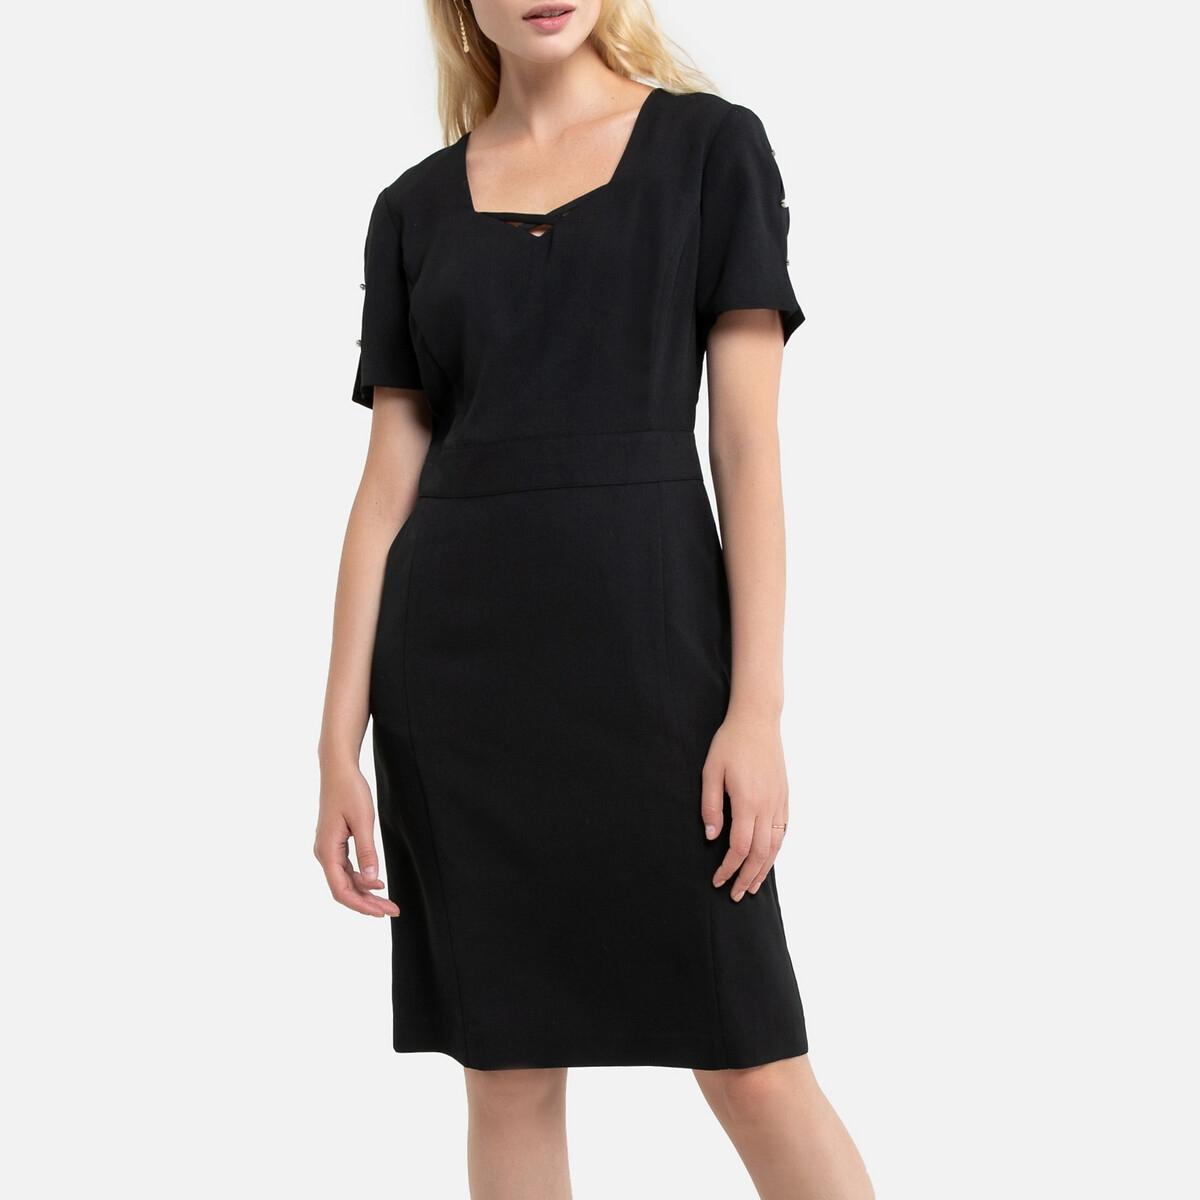 Платье La Redoute Прямое средней длины короткие рукава 50 (FR) - 56 (RUS) черный платье прямое средней длины однотонное без рукавов